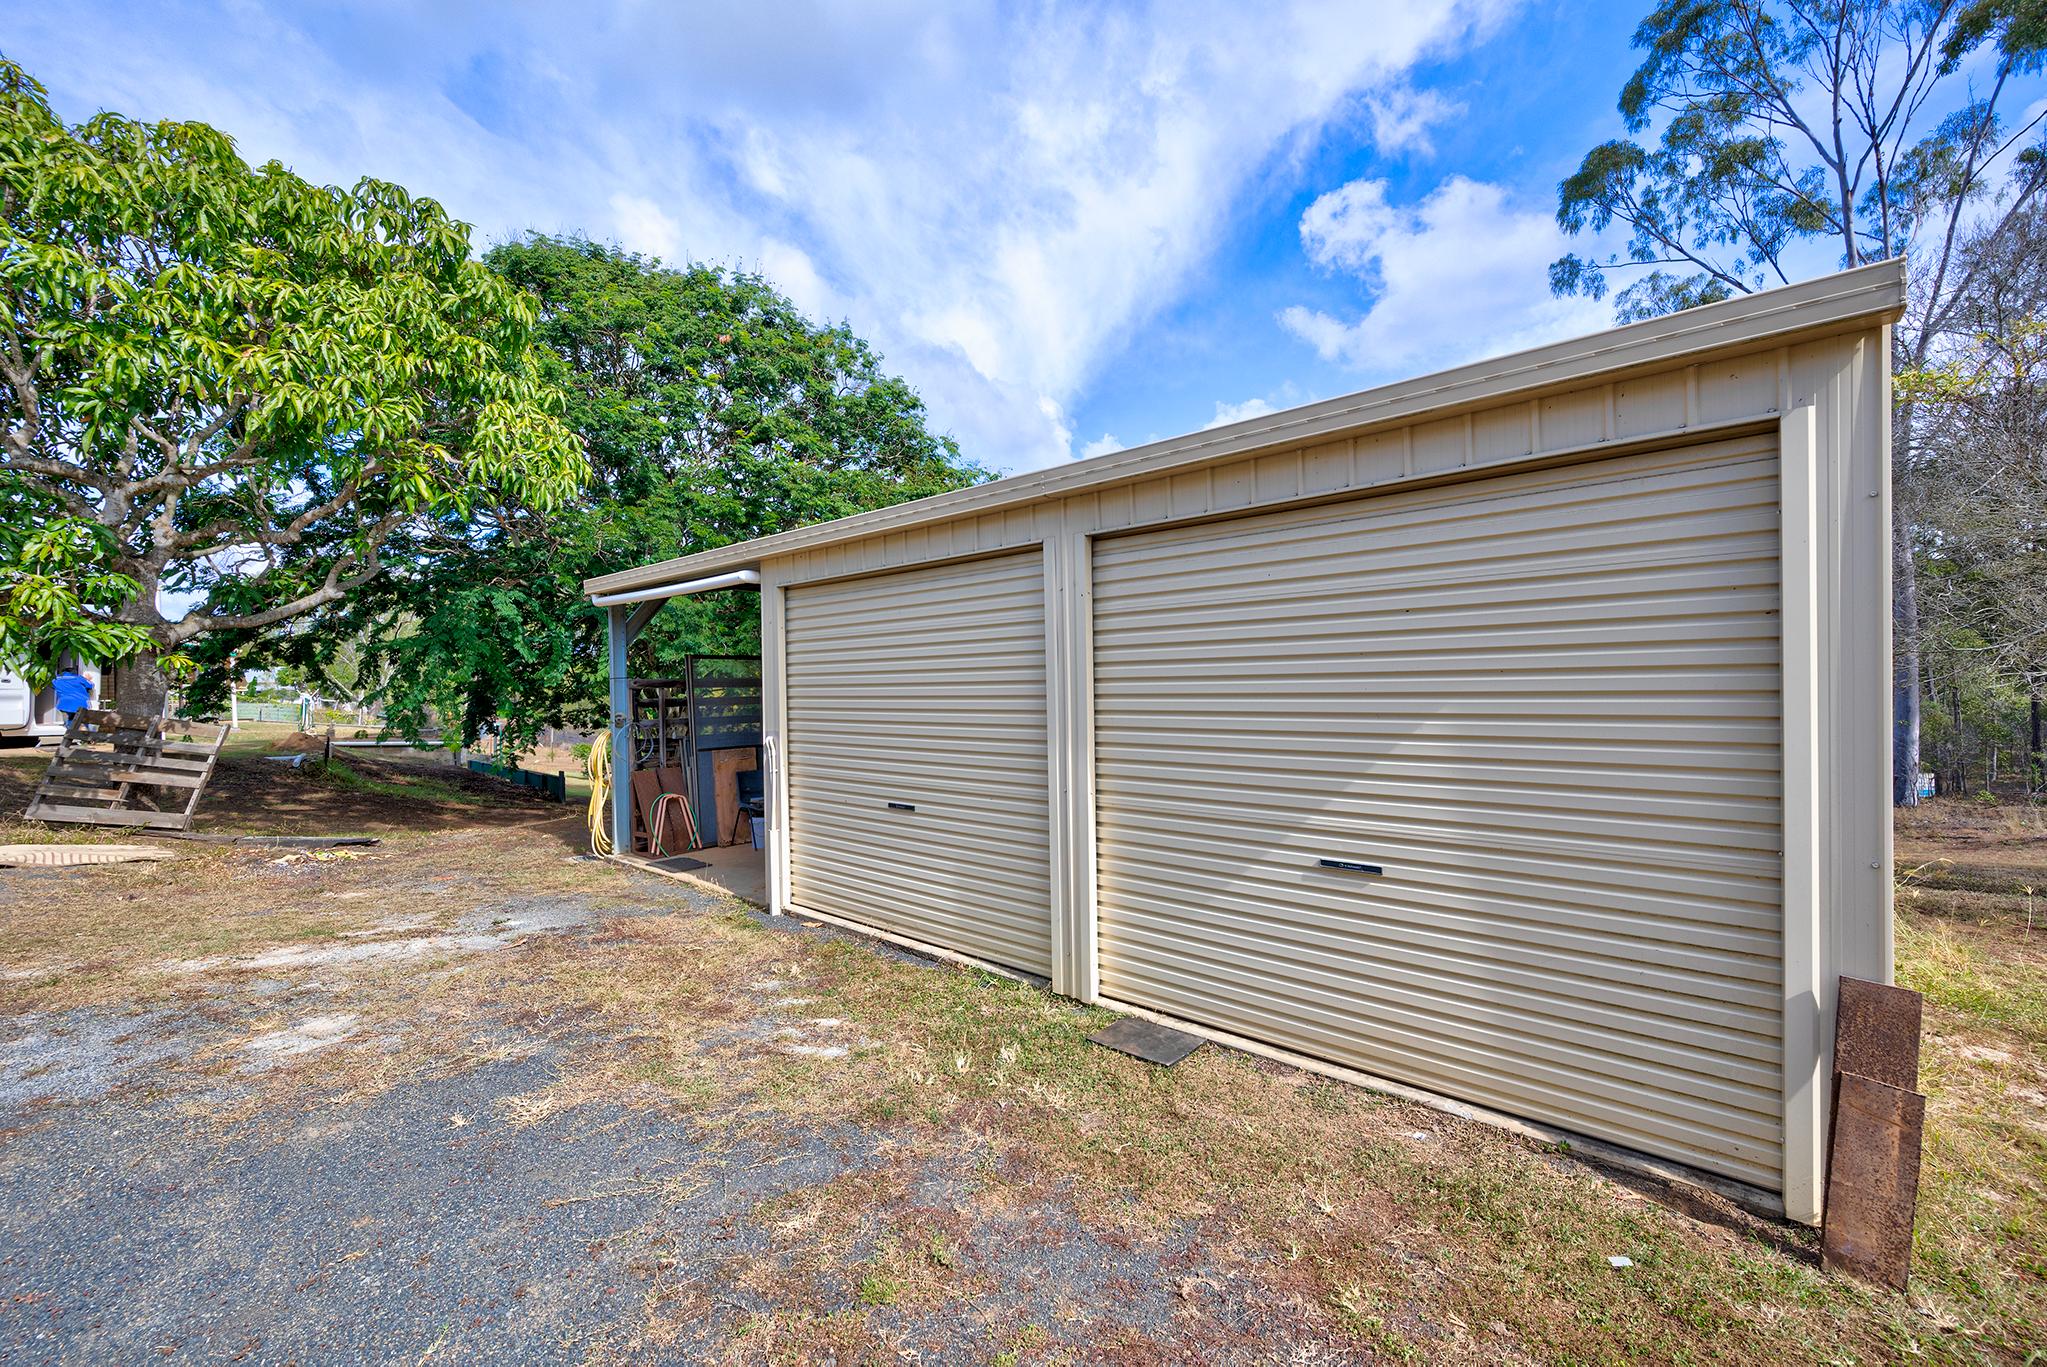 244 Baumanns Road, Avondale, QLD 4670